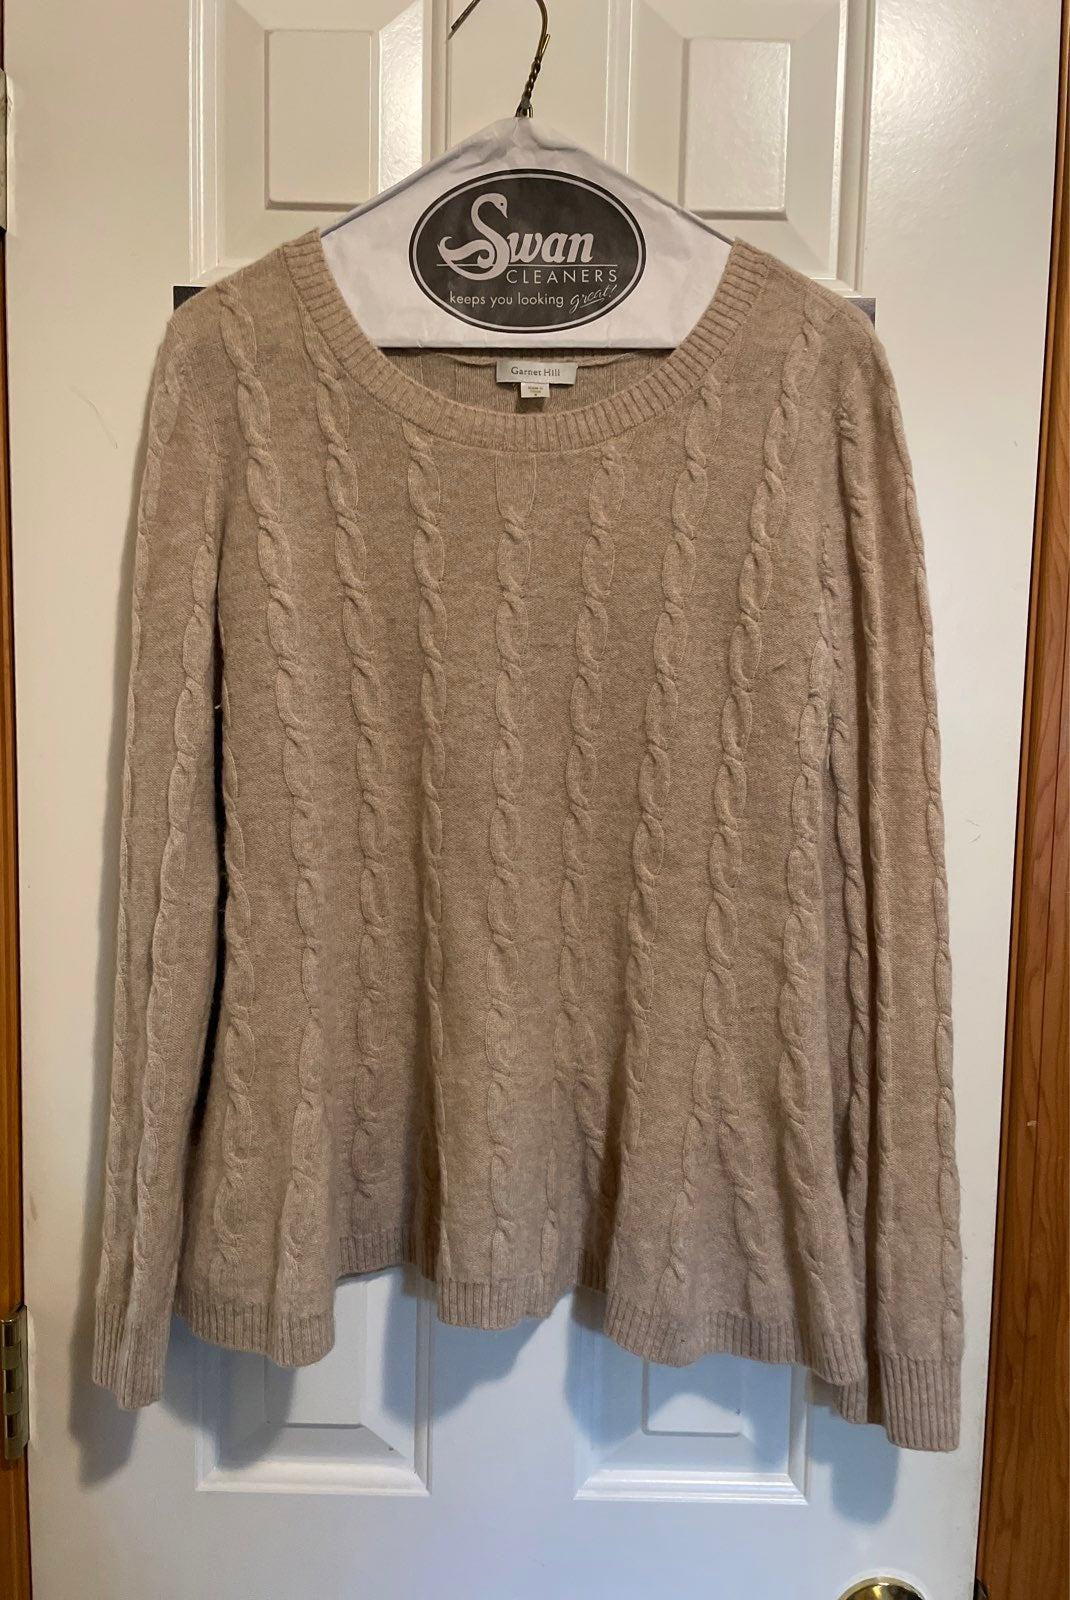 Sweater by Garnet Hill